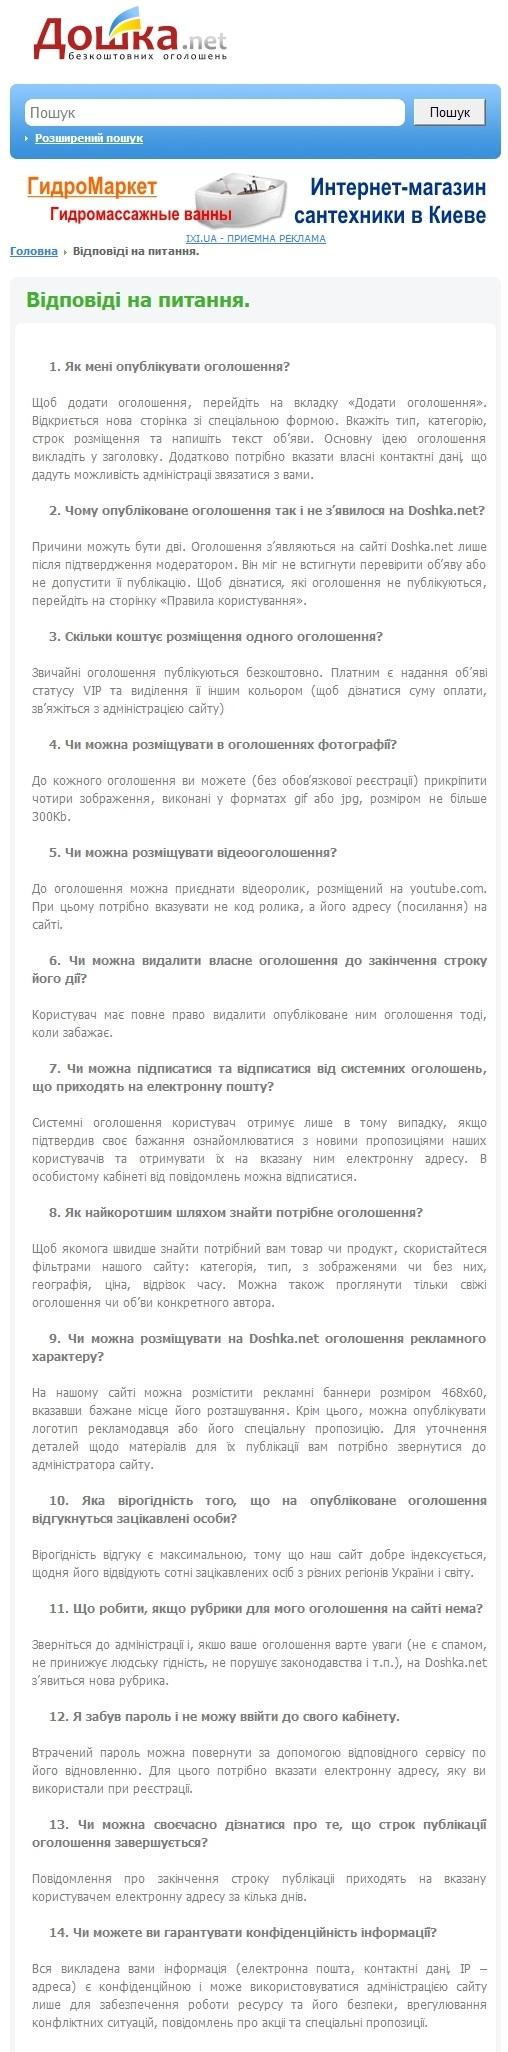 Відповіді на запитання щодо Дошка.нет (укр.)